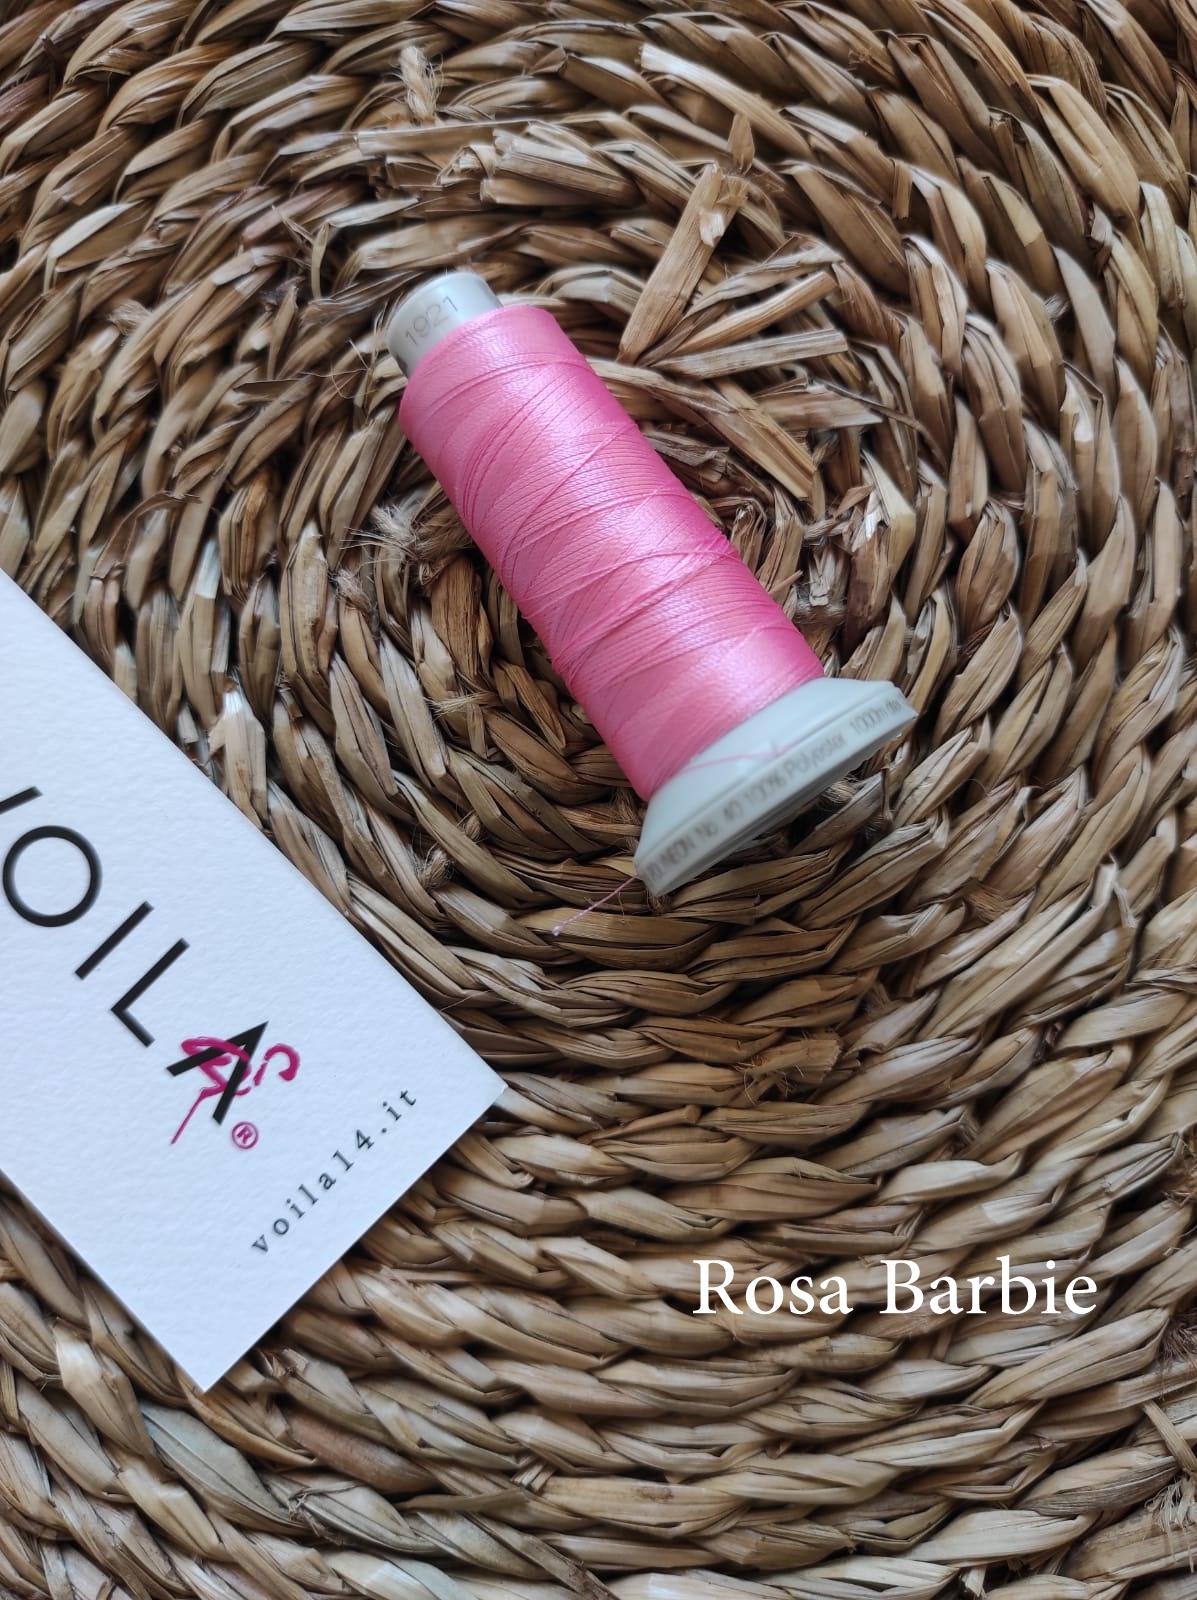 Rosa Barbie